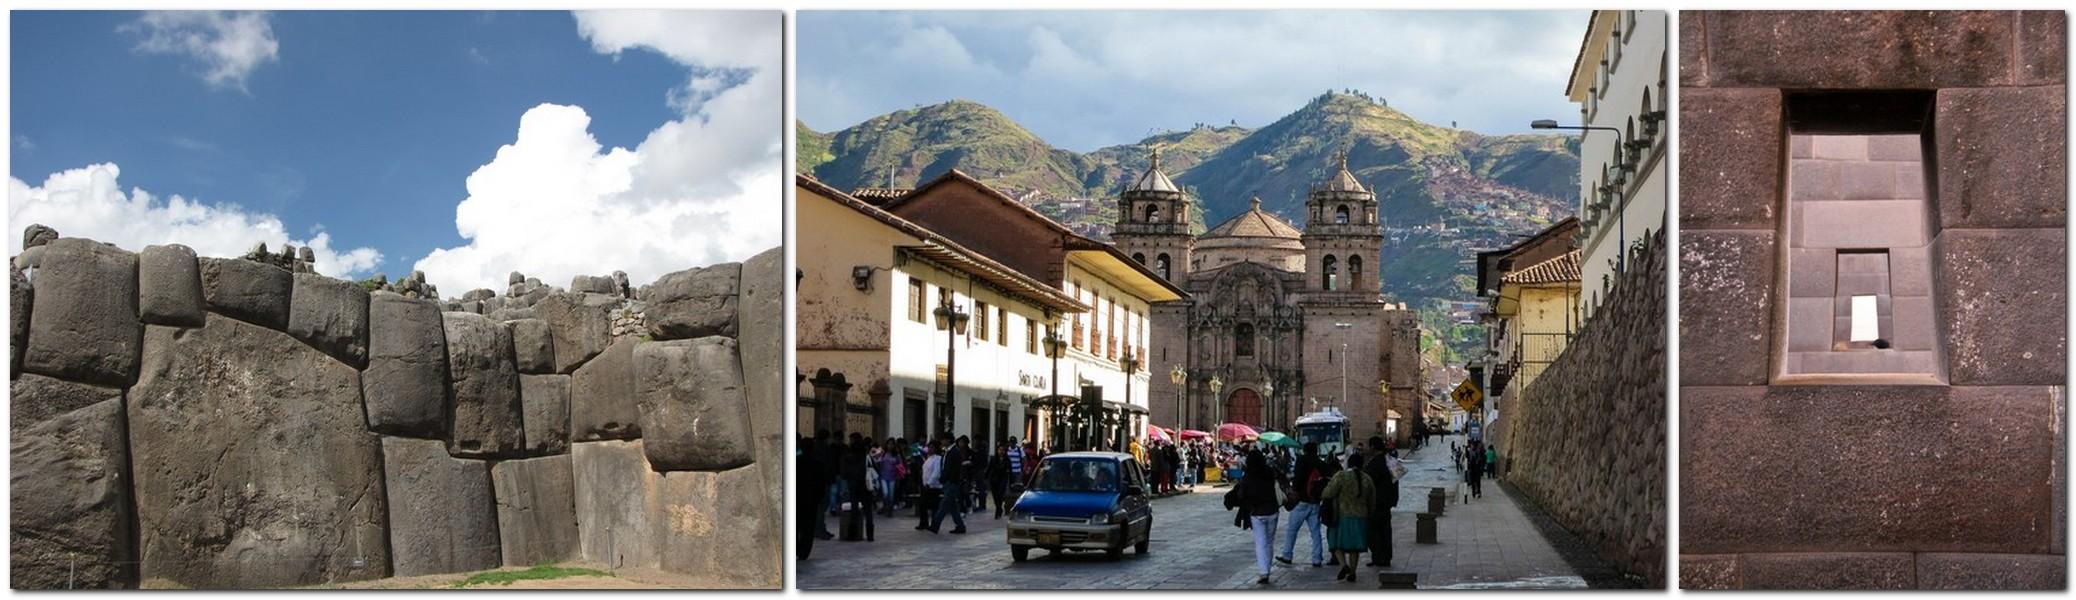 Bezienswaardigheden in Cusco